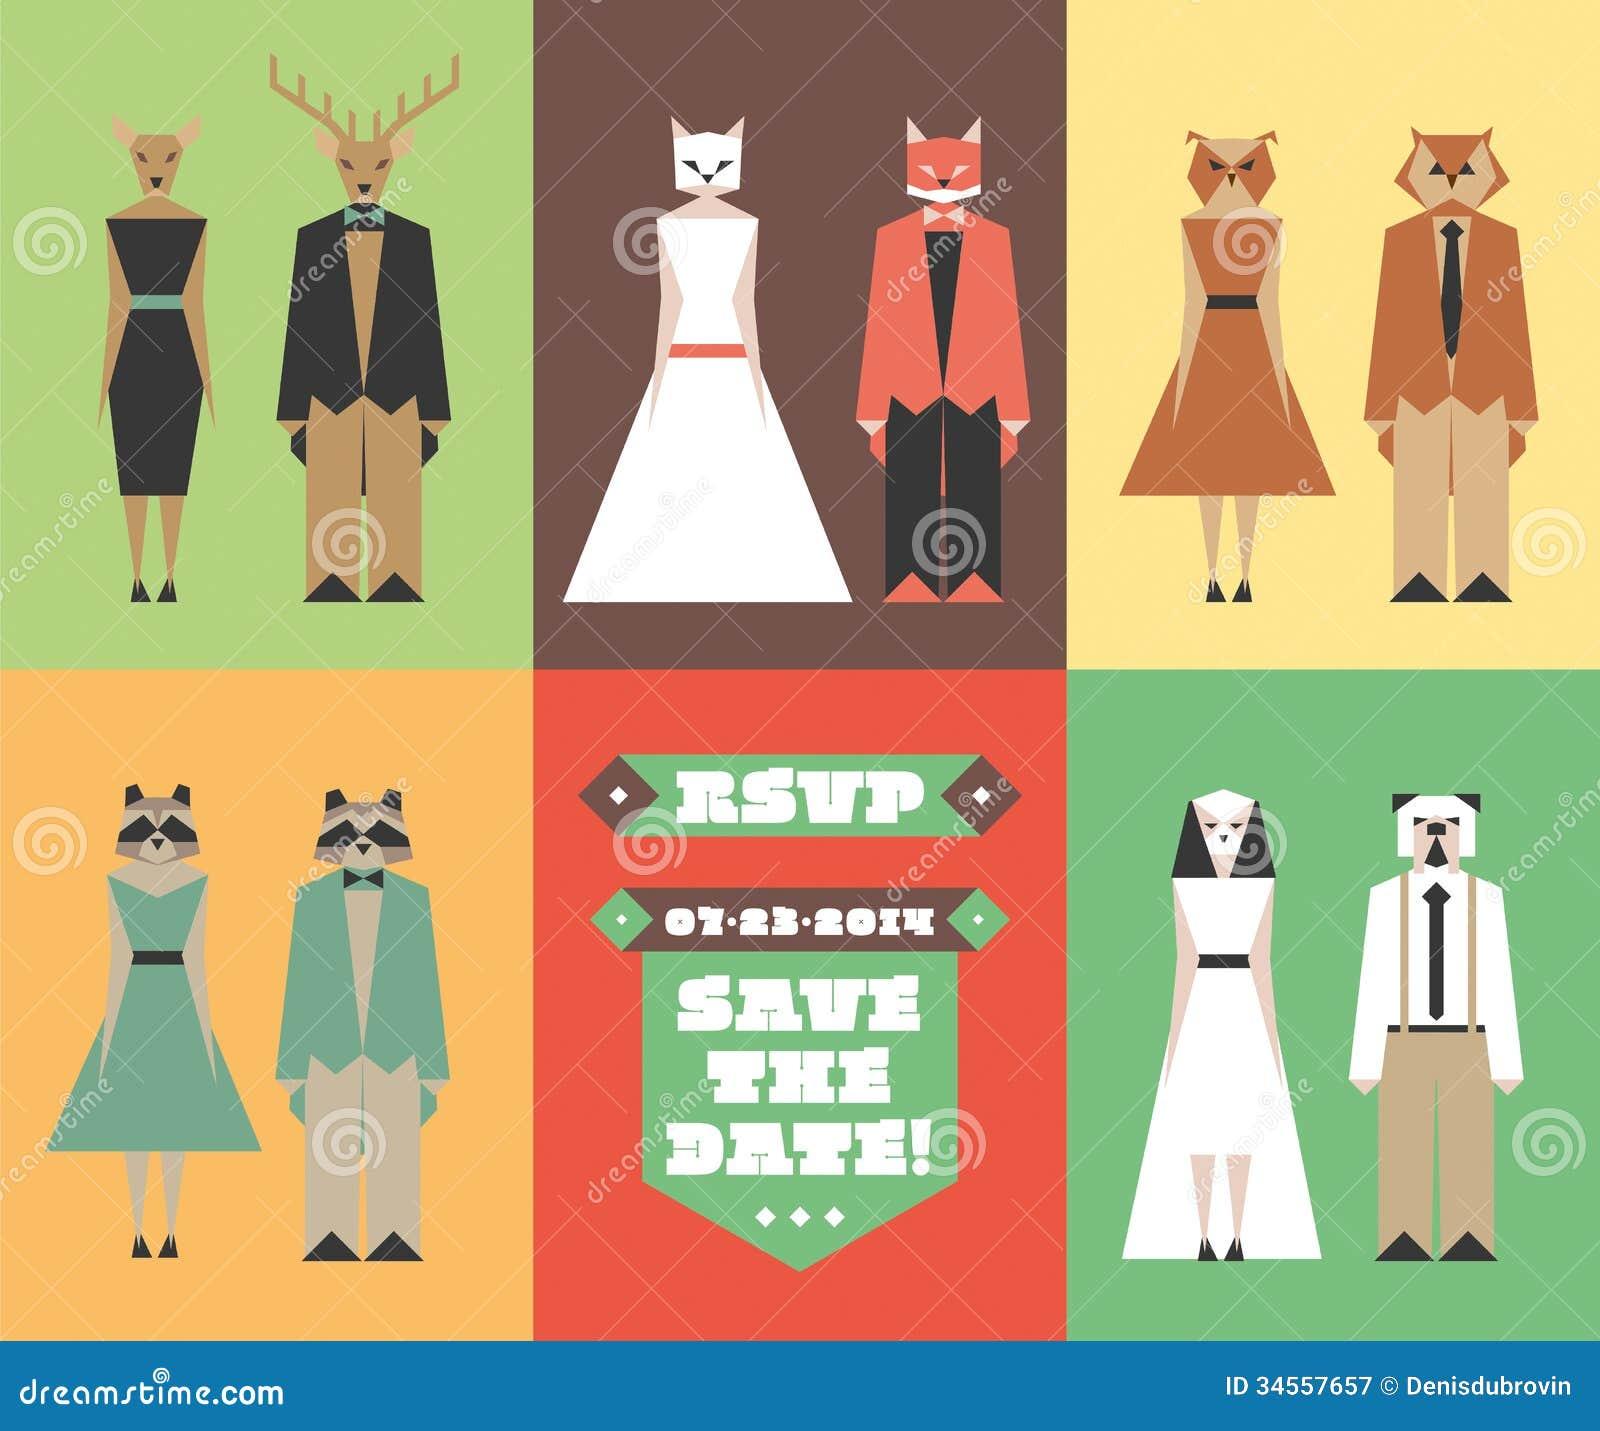 Dog Wedding Invitations is nice invitations ideas